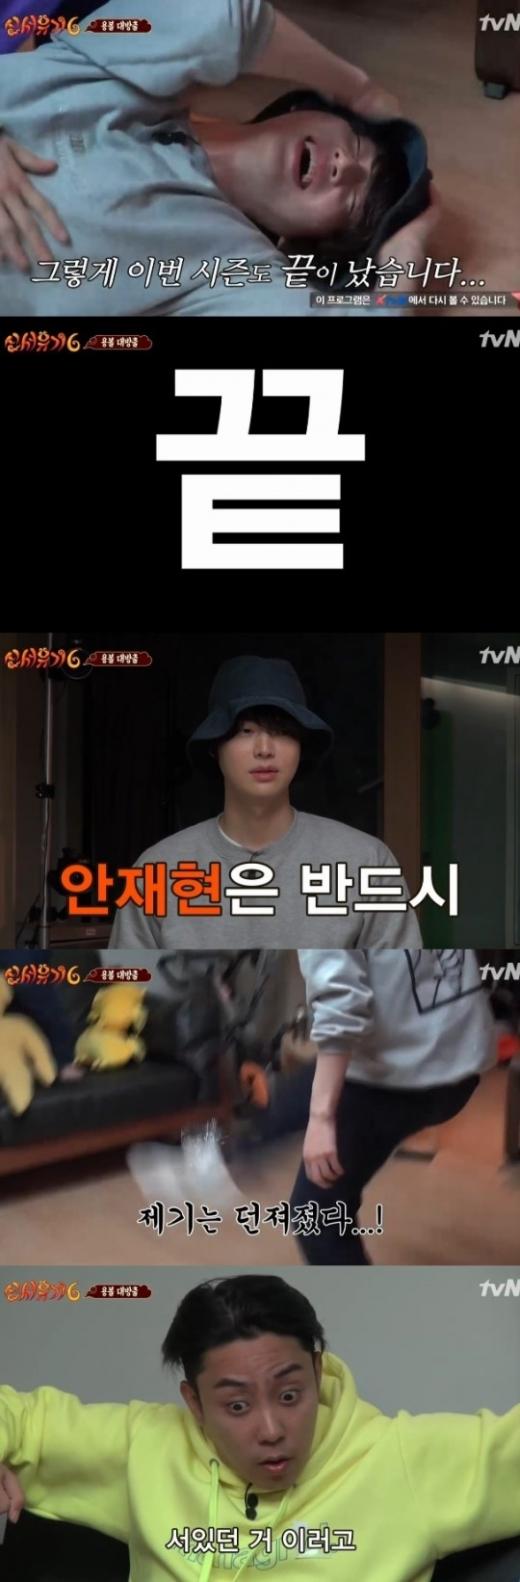 신서유기6 안재현./사진=tvN 캡처